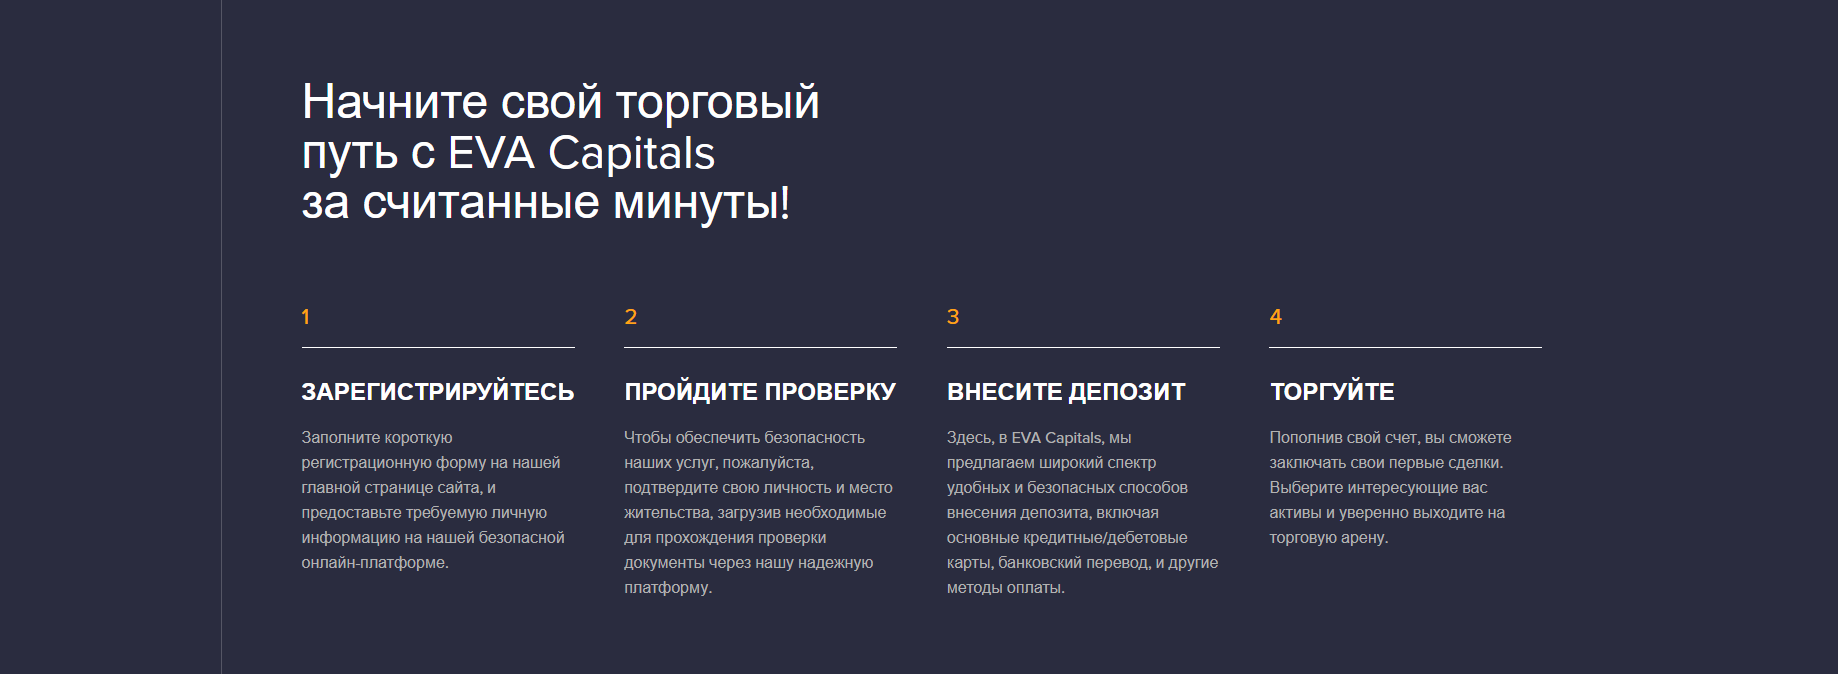 EVA Capitals брокер имеет русскоязычную, англоязычную и польскую версии сайта